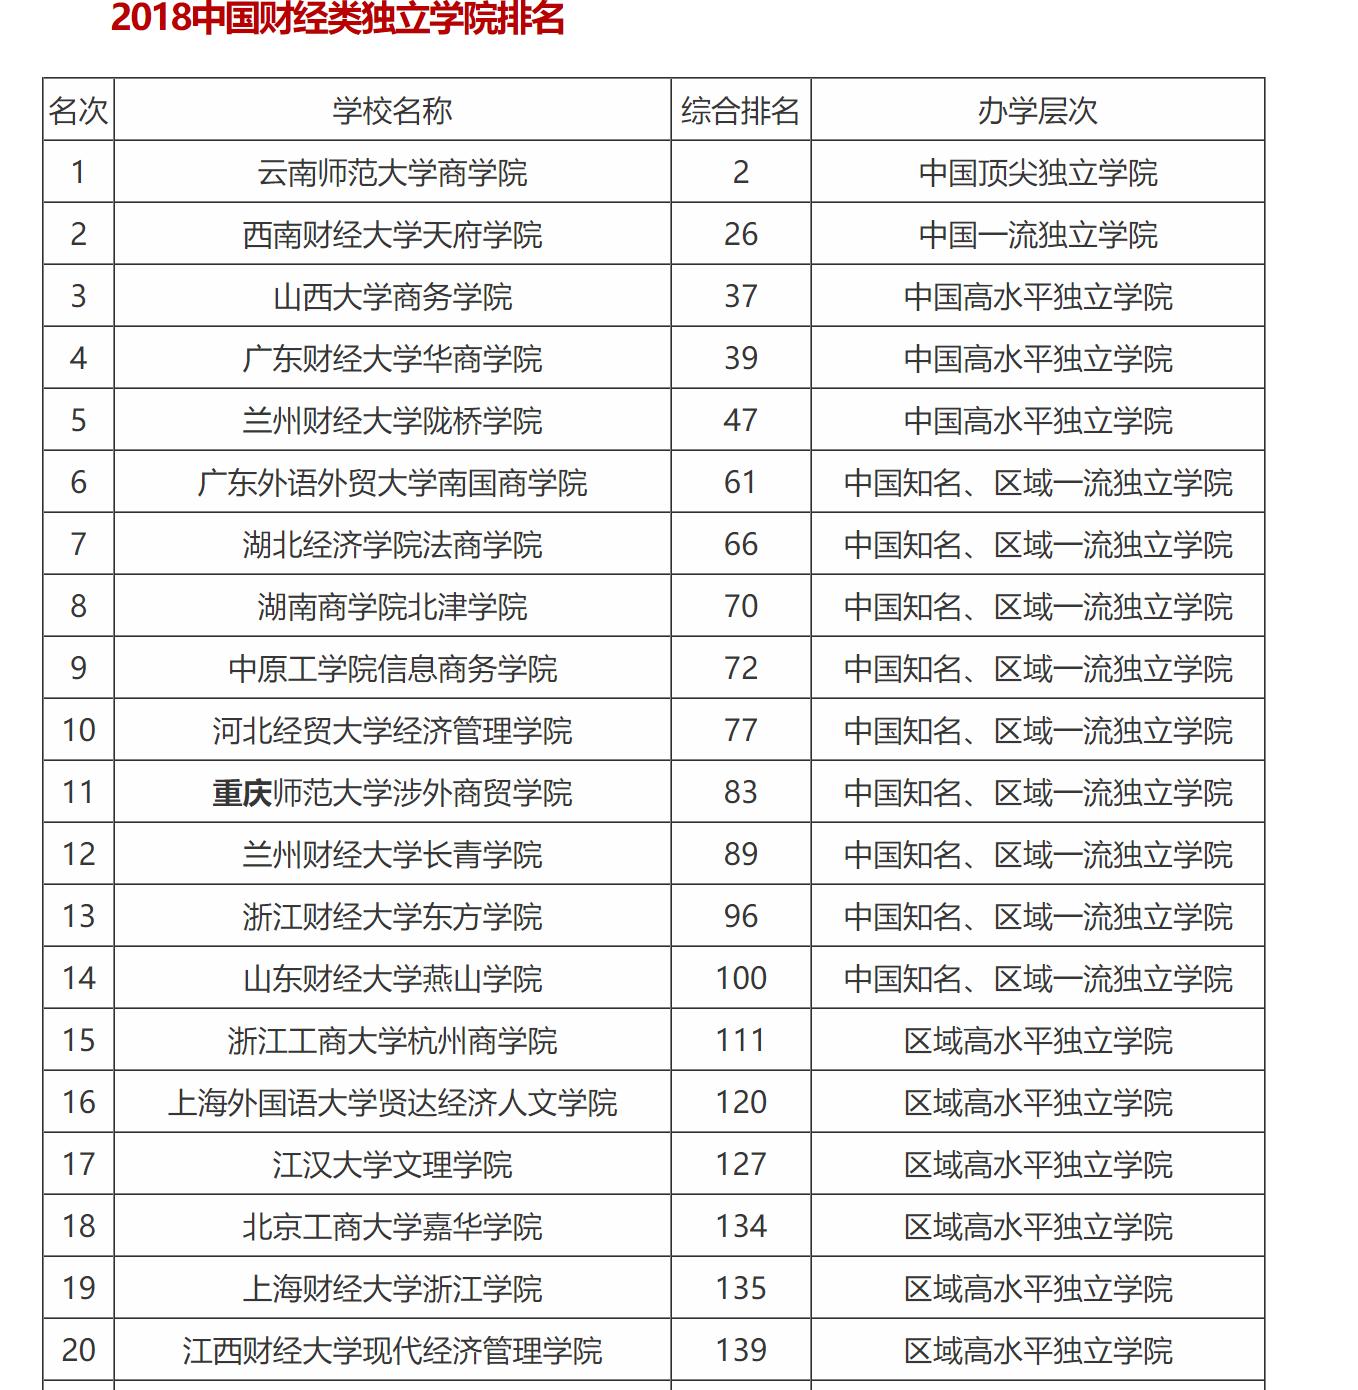 上海财经大学排名_上海财经大学